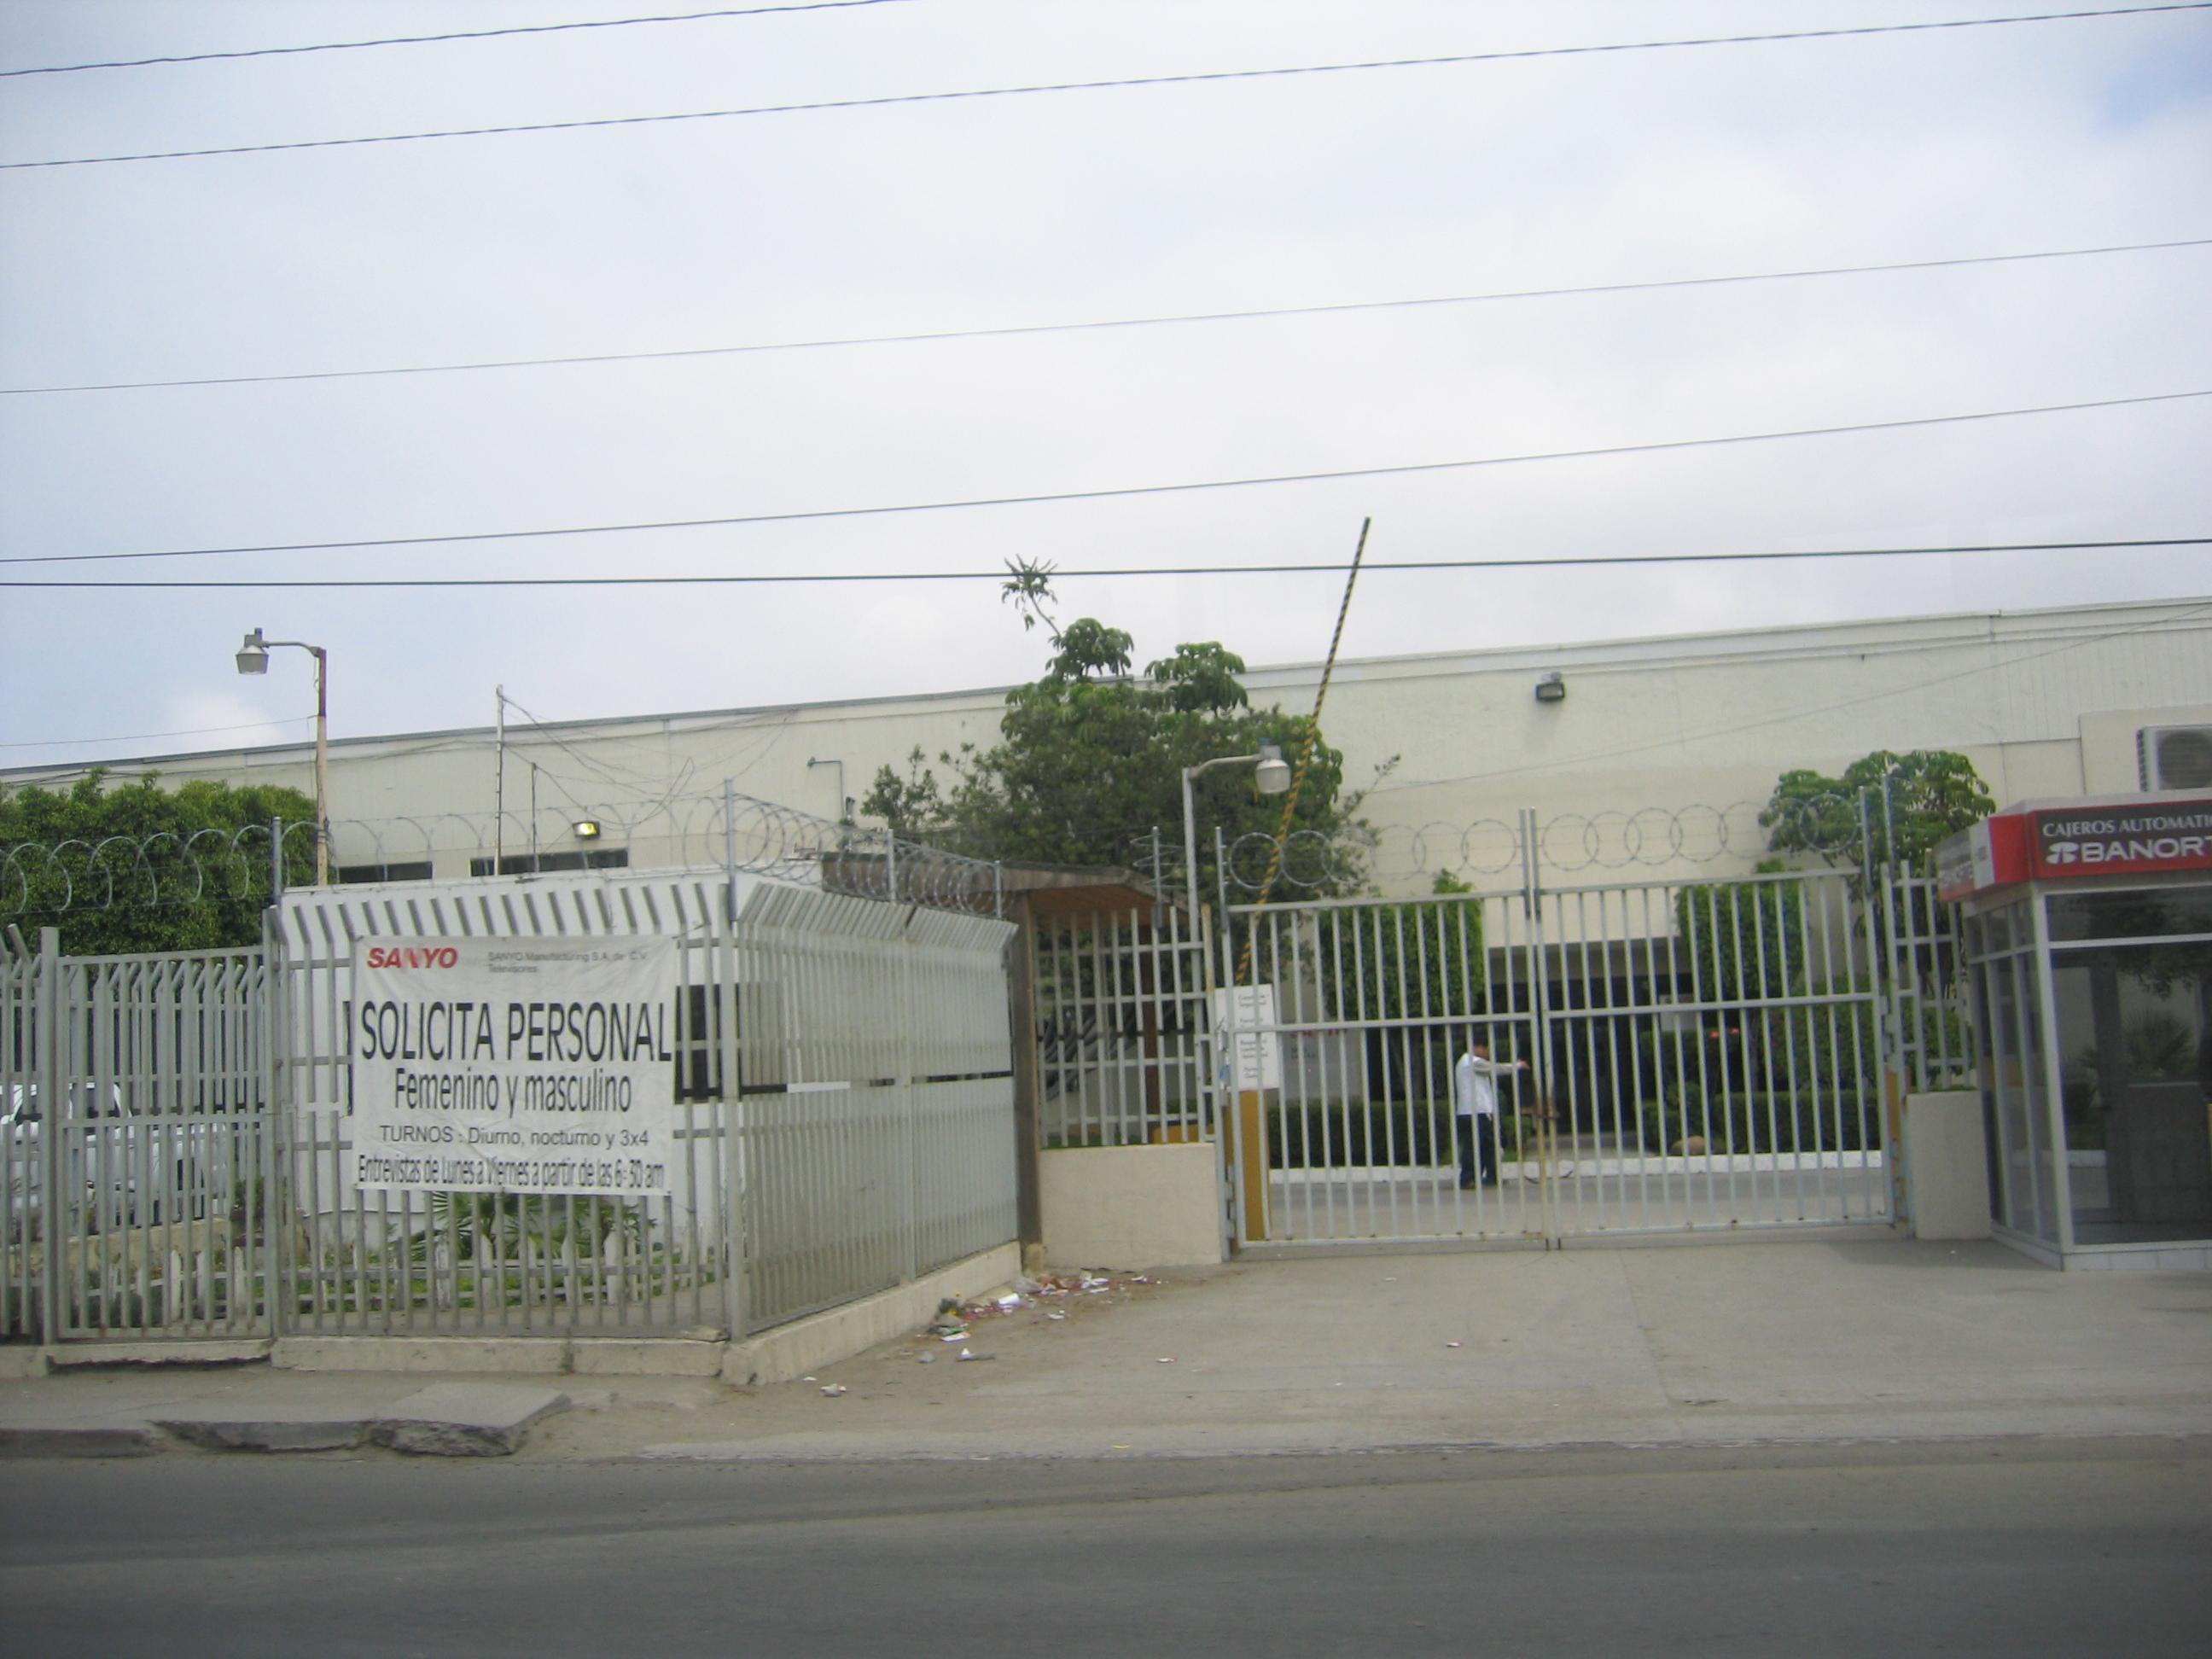 Mexico_border_2008_Derek_Duncan_04.jpg